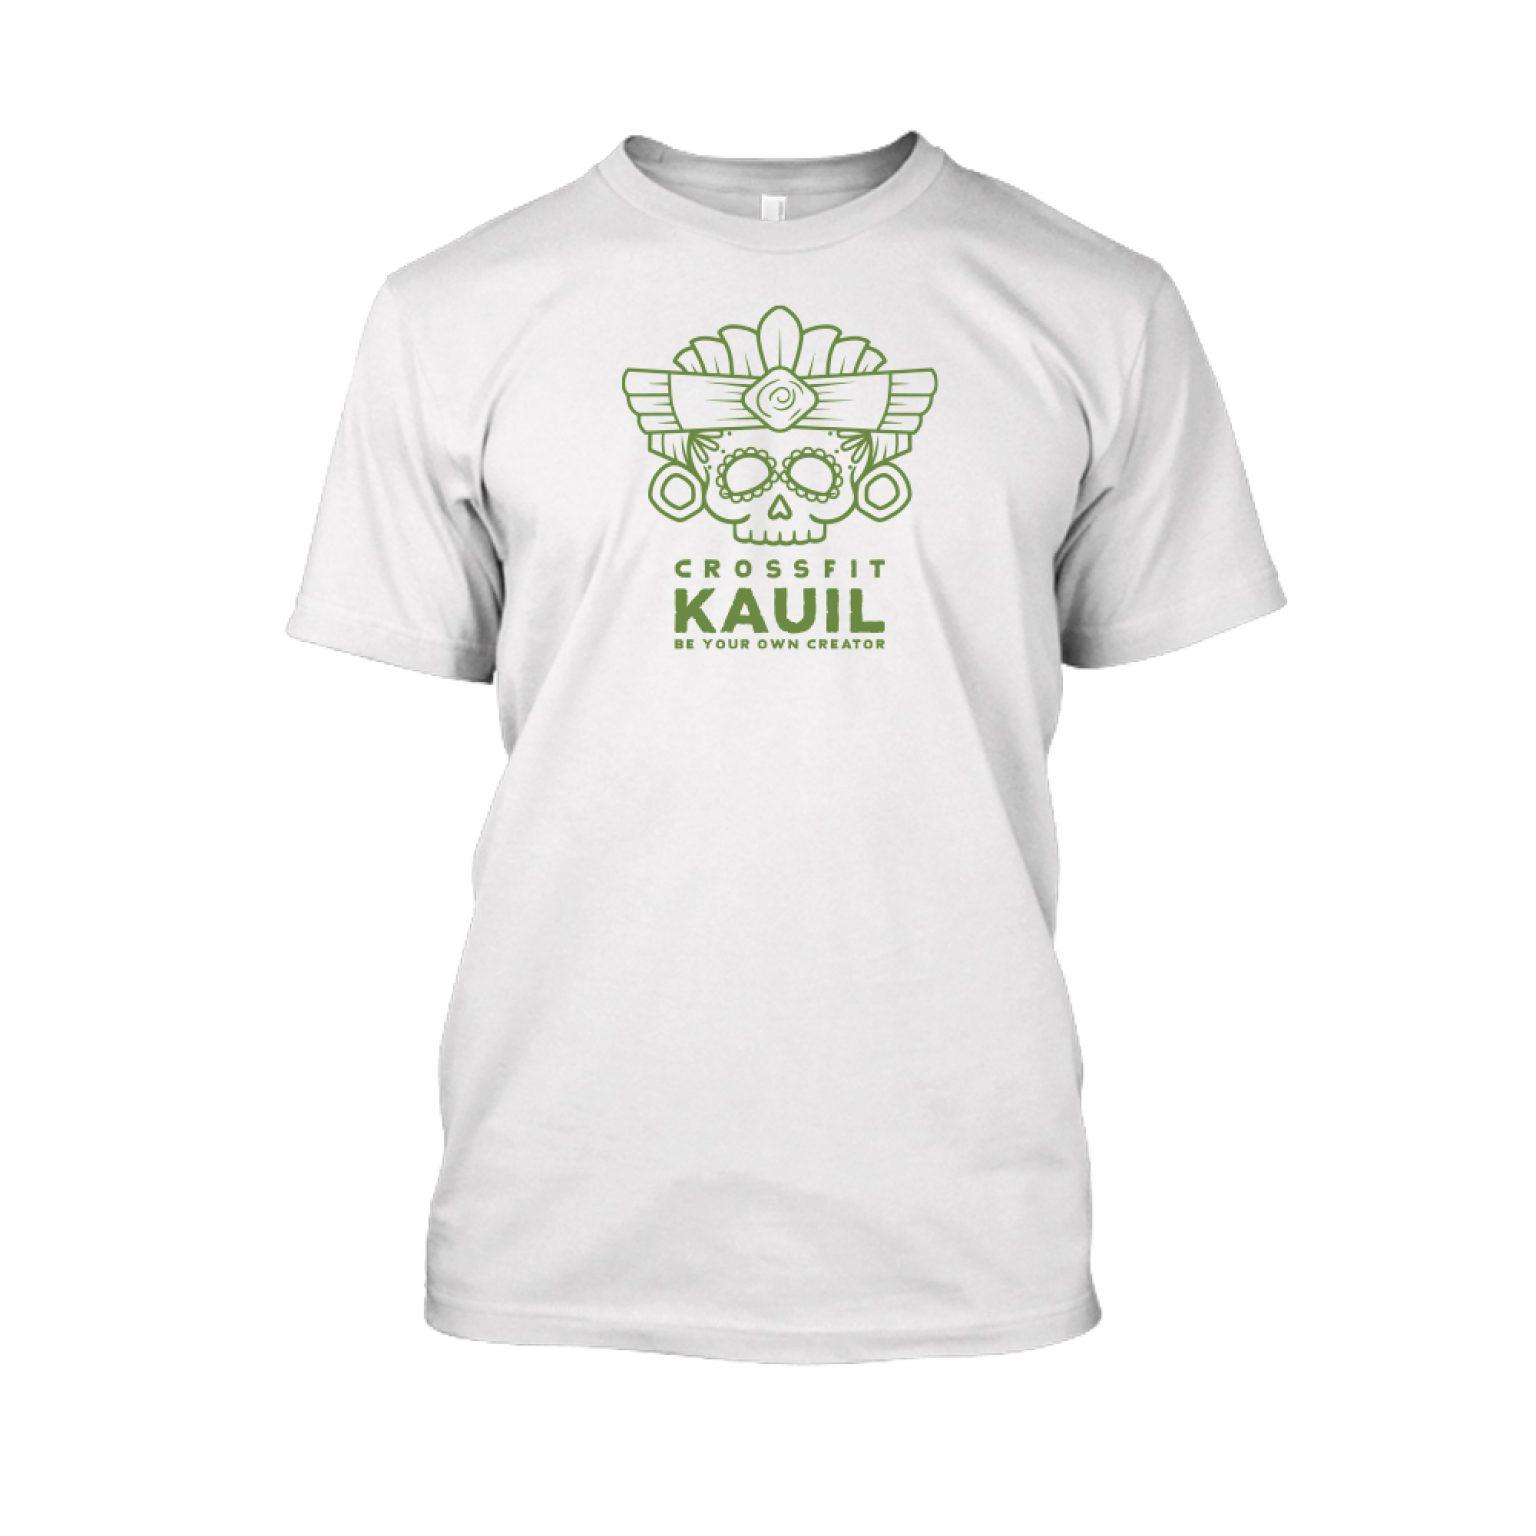 Herren Shirt Weiss green front 1